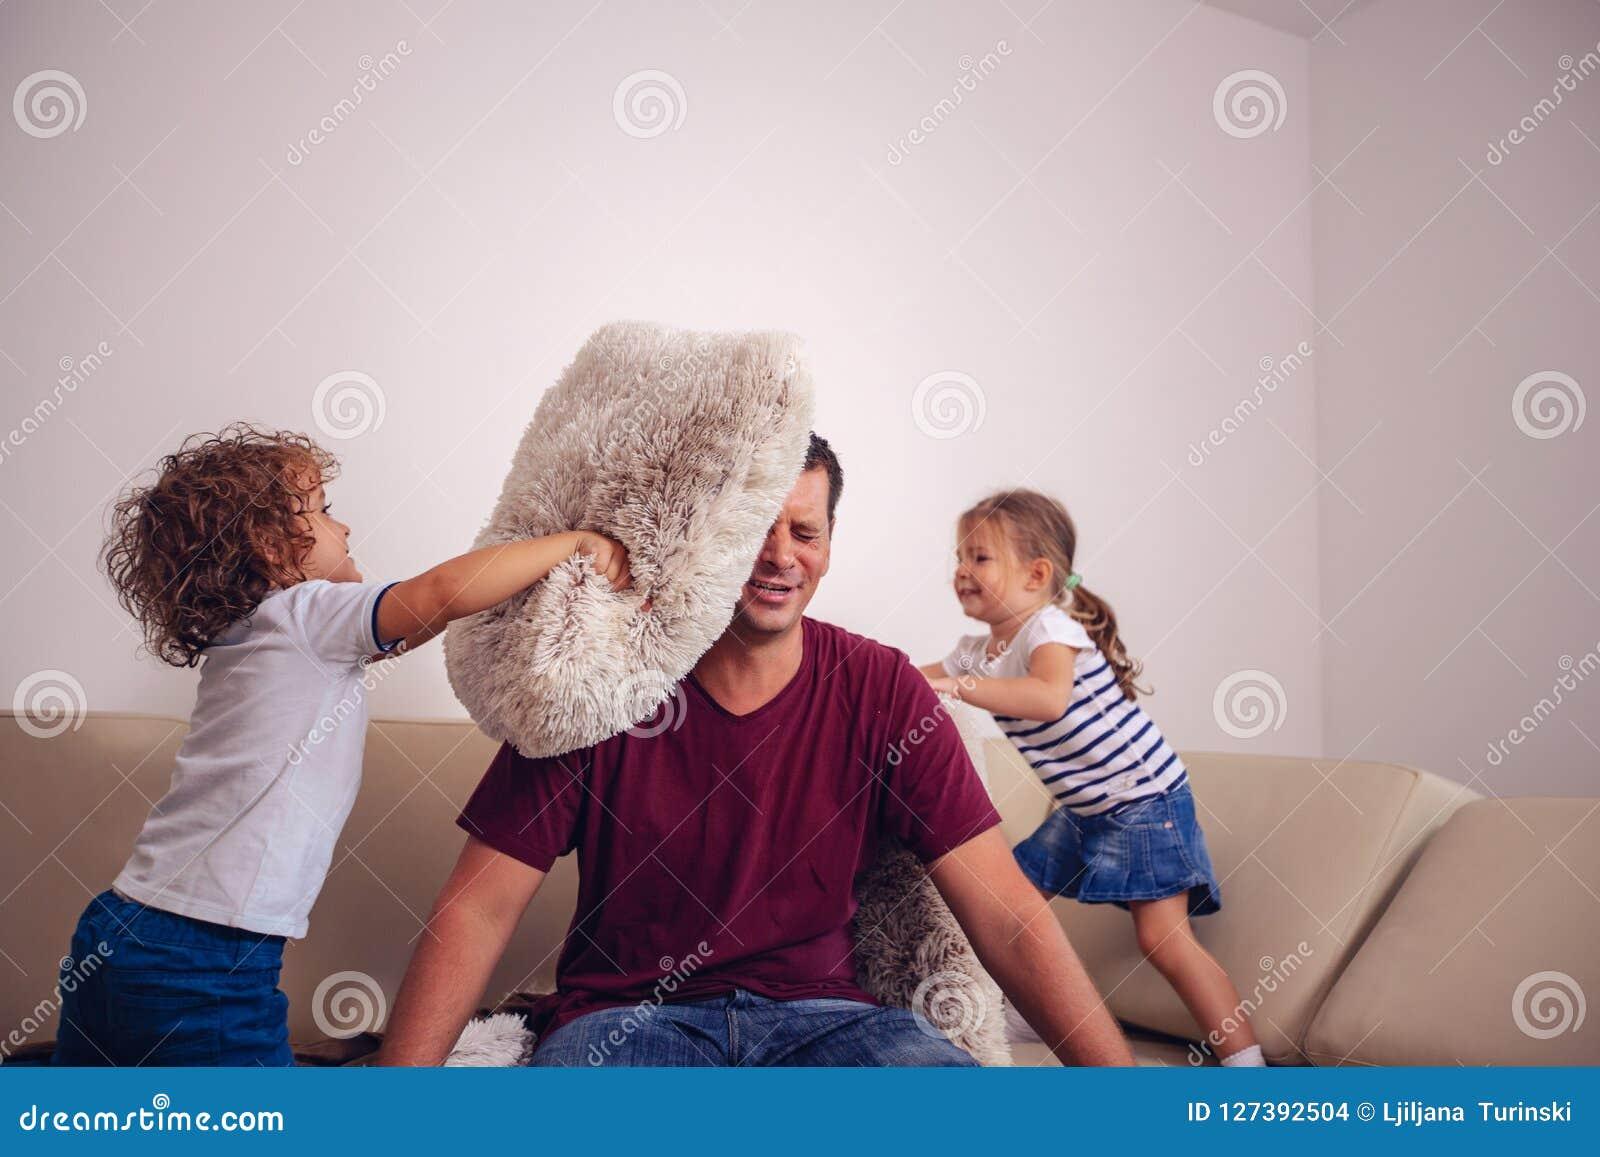 Infanzia felice - bambini ragazzo e ragazza che giocano con il toge del padre